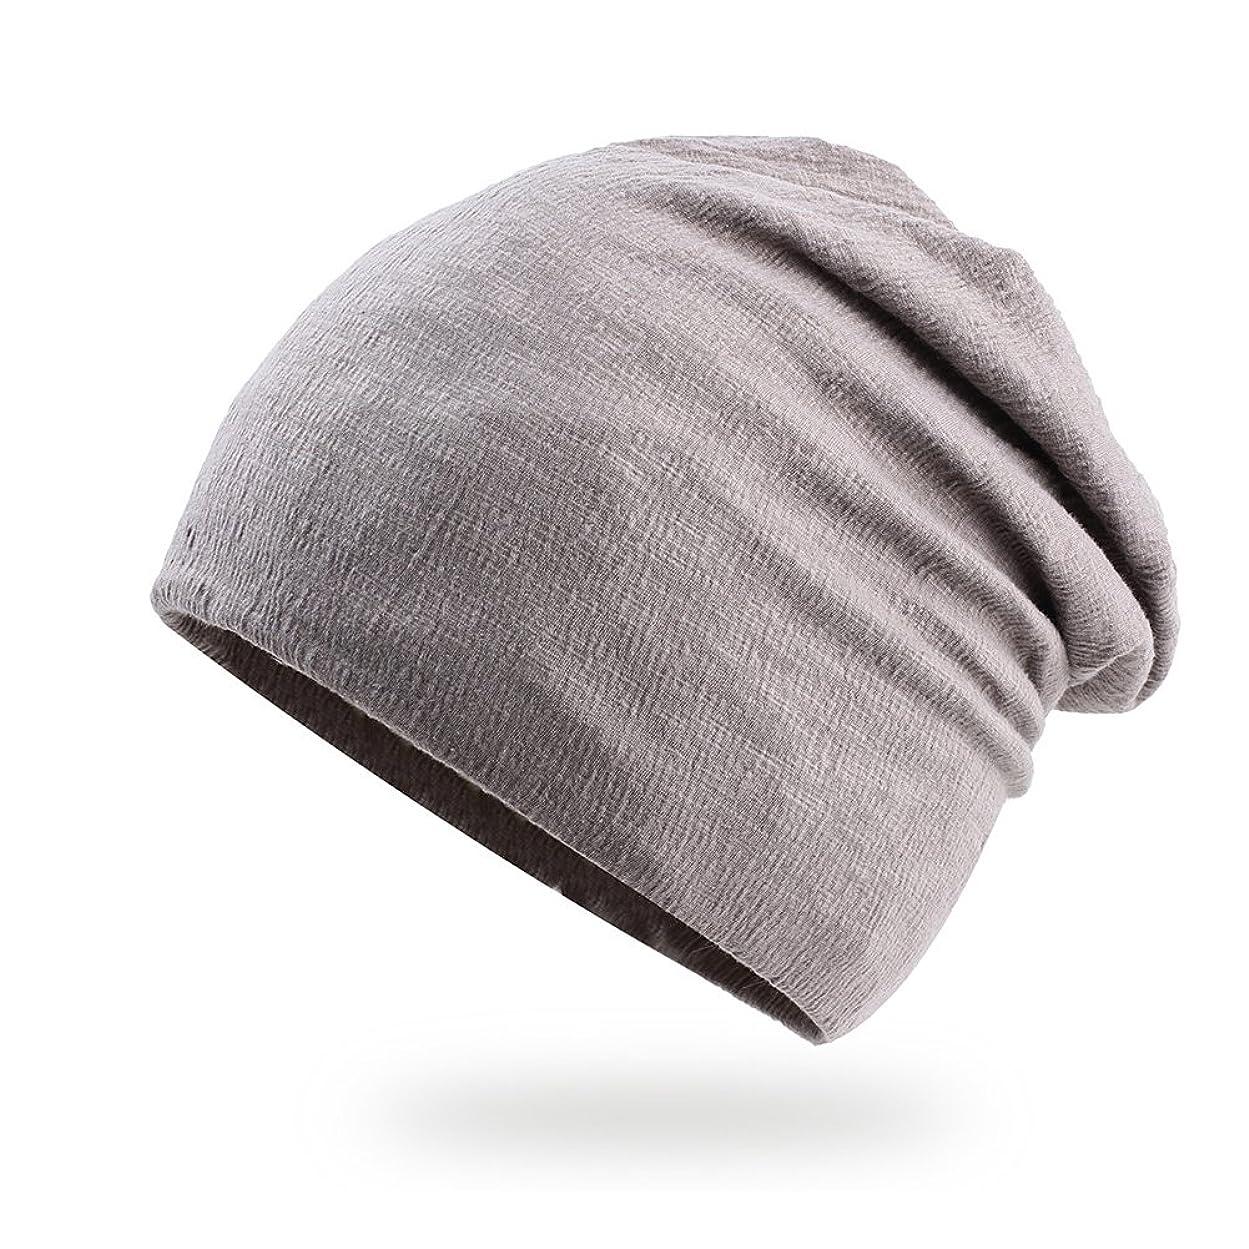 抱擁映画バイアスアンミダ(ANMIDA)ゆったり快適ニット帽 メンズ レディース 帽子 大きいサイズ  ビーニー ニットキャップ  秋 ニット帽 メンズ レディース 帽子 大きいサイズ ビーニー ニットキャップ